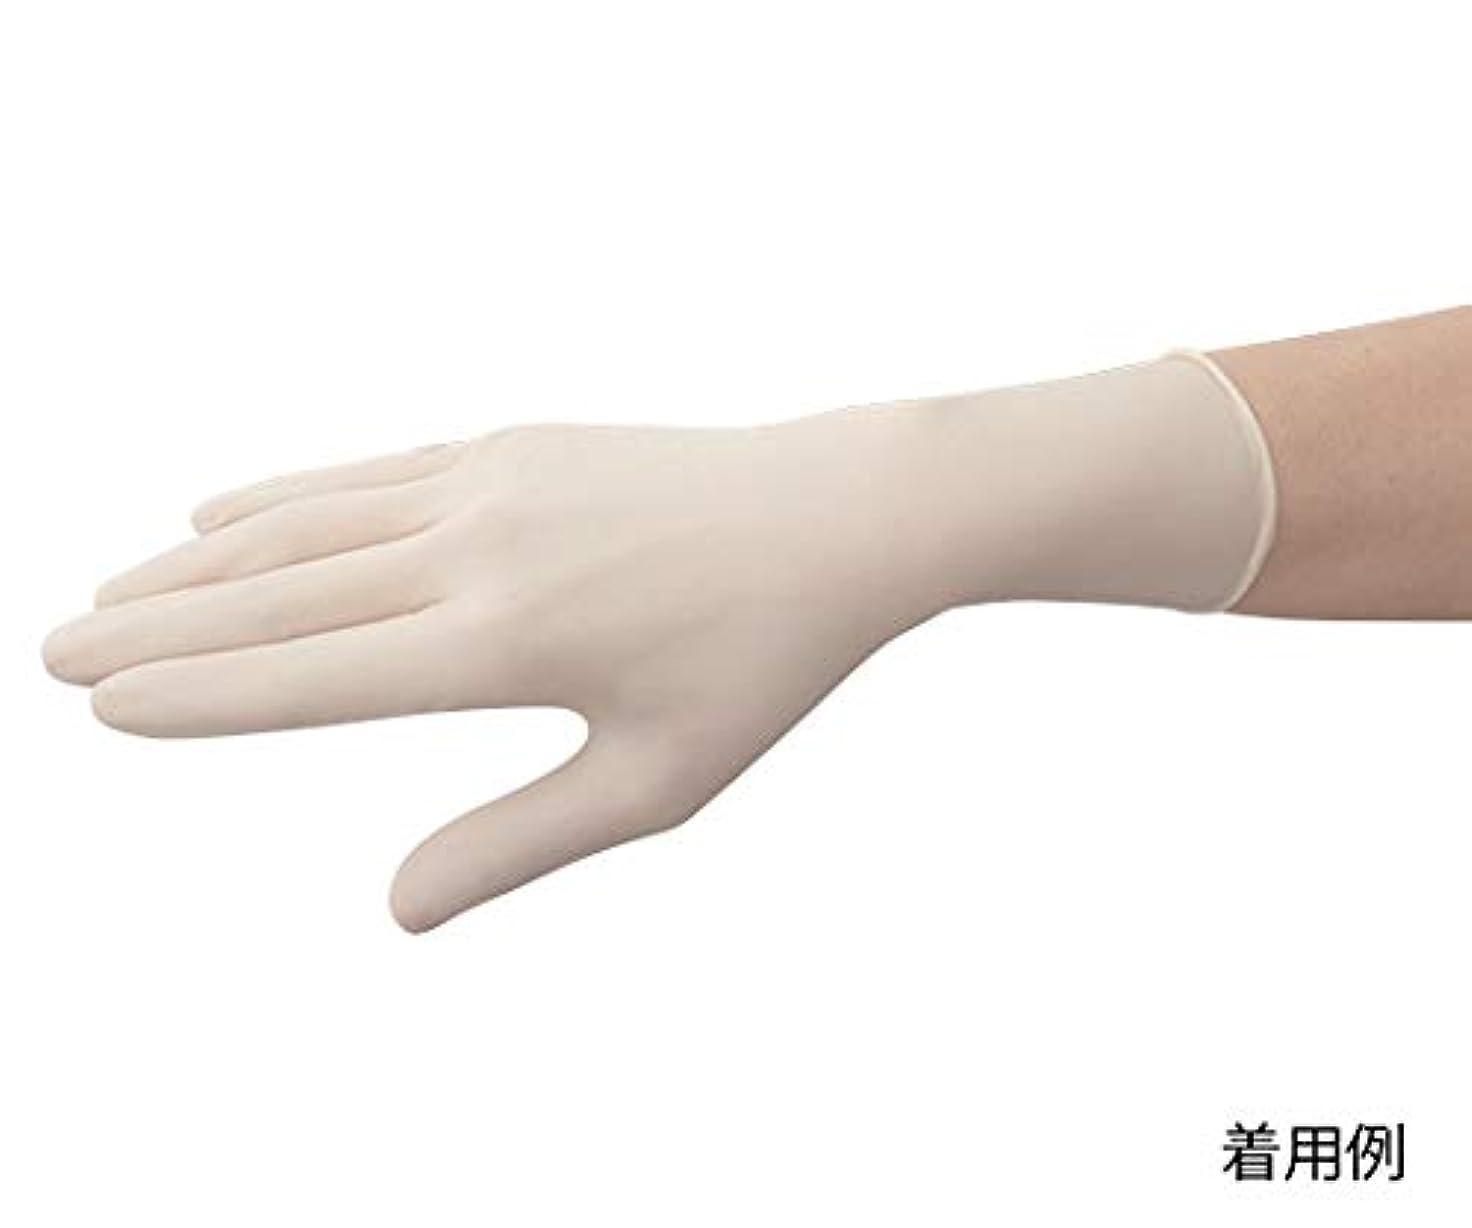 パック休憩熟練した東レ?メディカル 手術用手袋メディグリップ パウダーフリー50双 8170MG